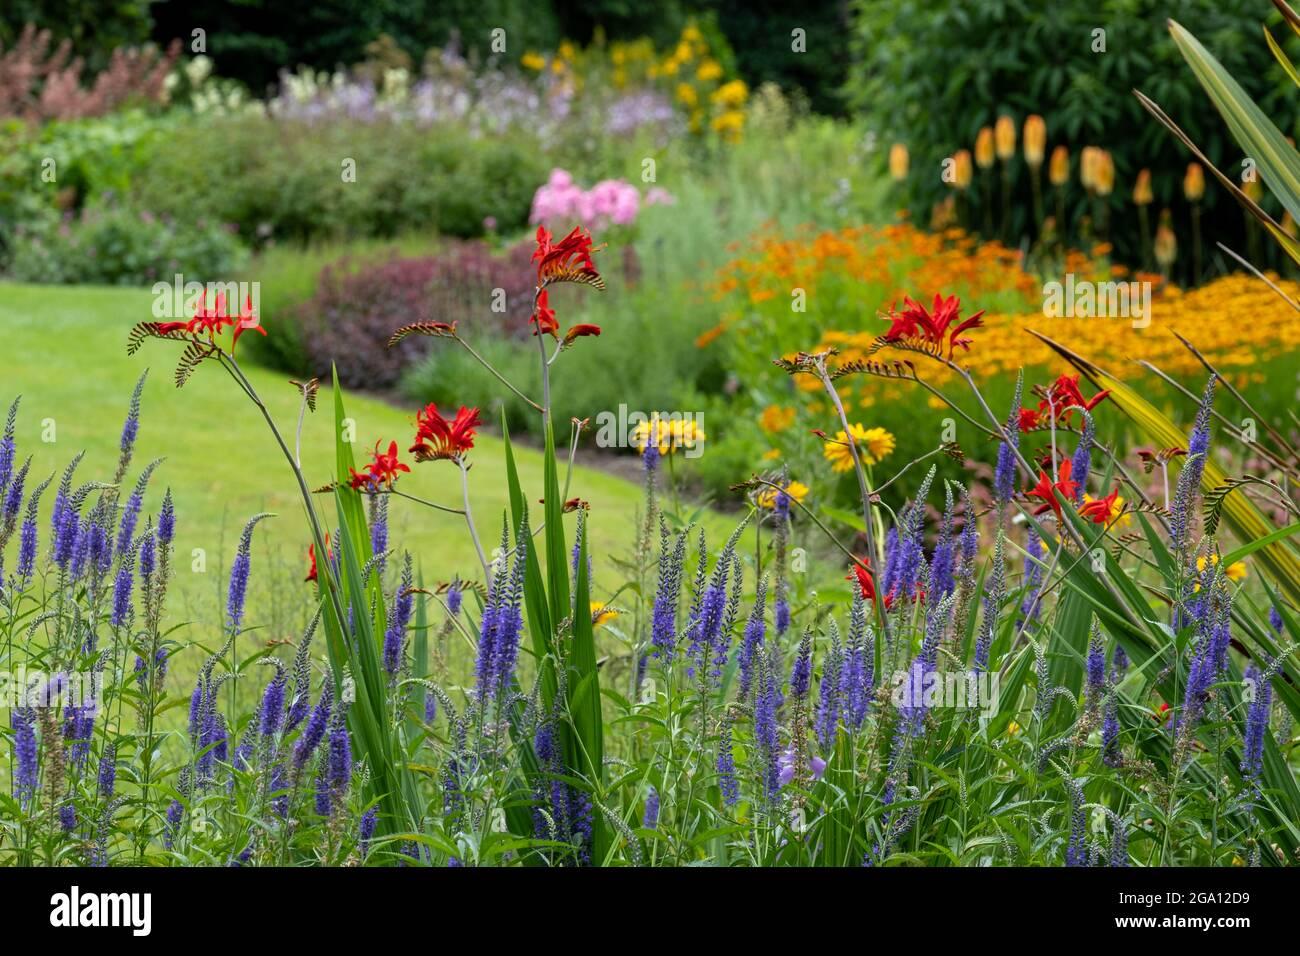 Bressingham Gardens cerca de Diss en Norfolk. Jardín colorido plantado en estilo de plantación naturalista con amplia paleta de colores. Foto de stock